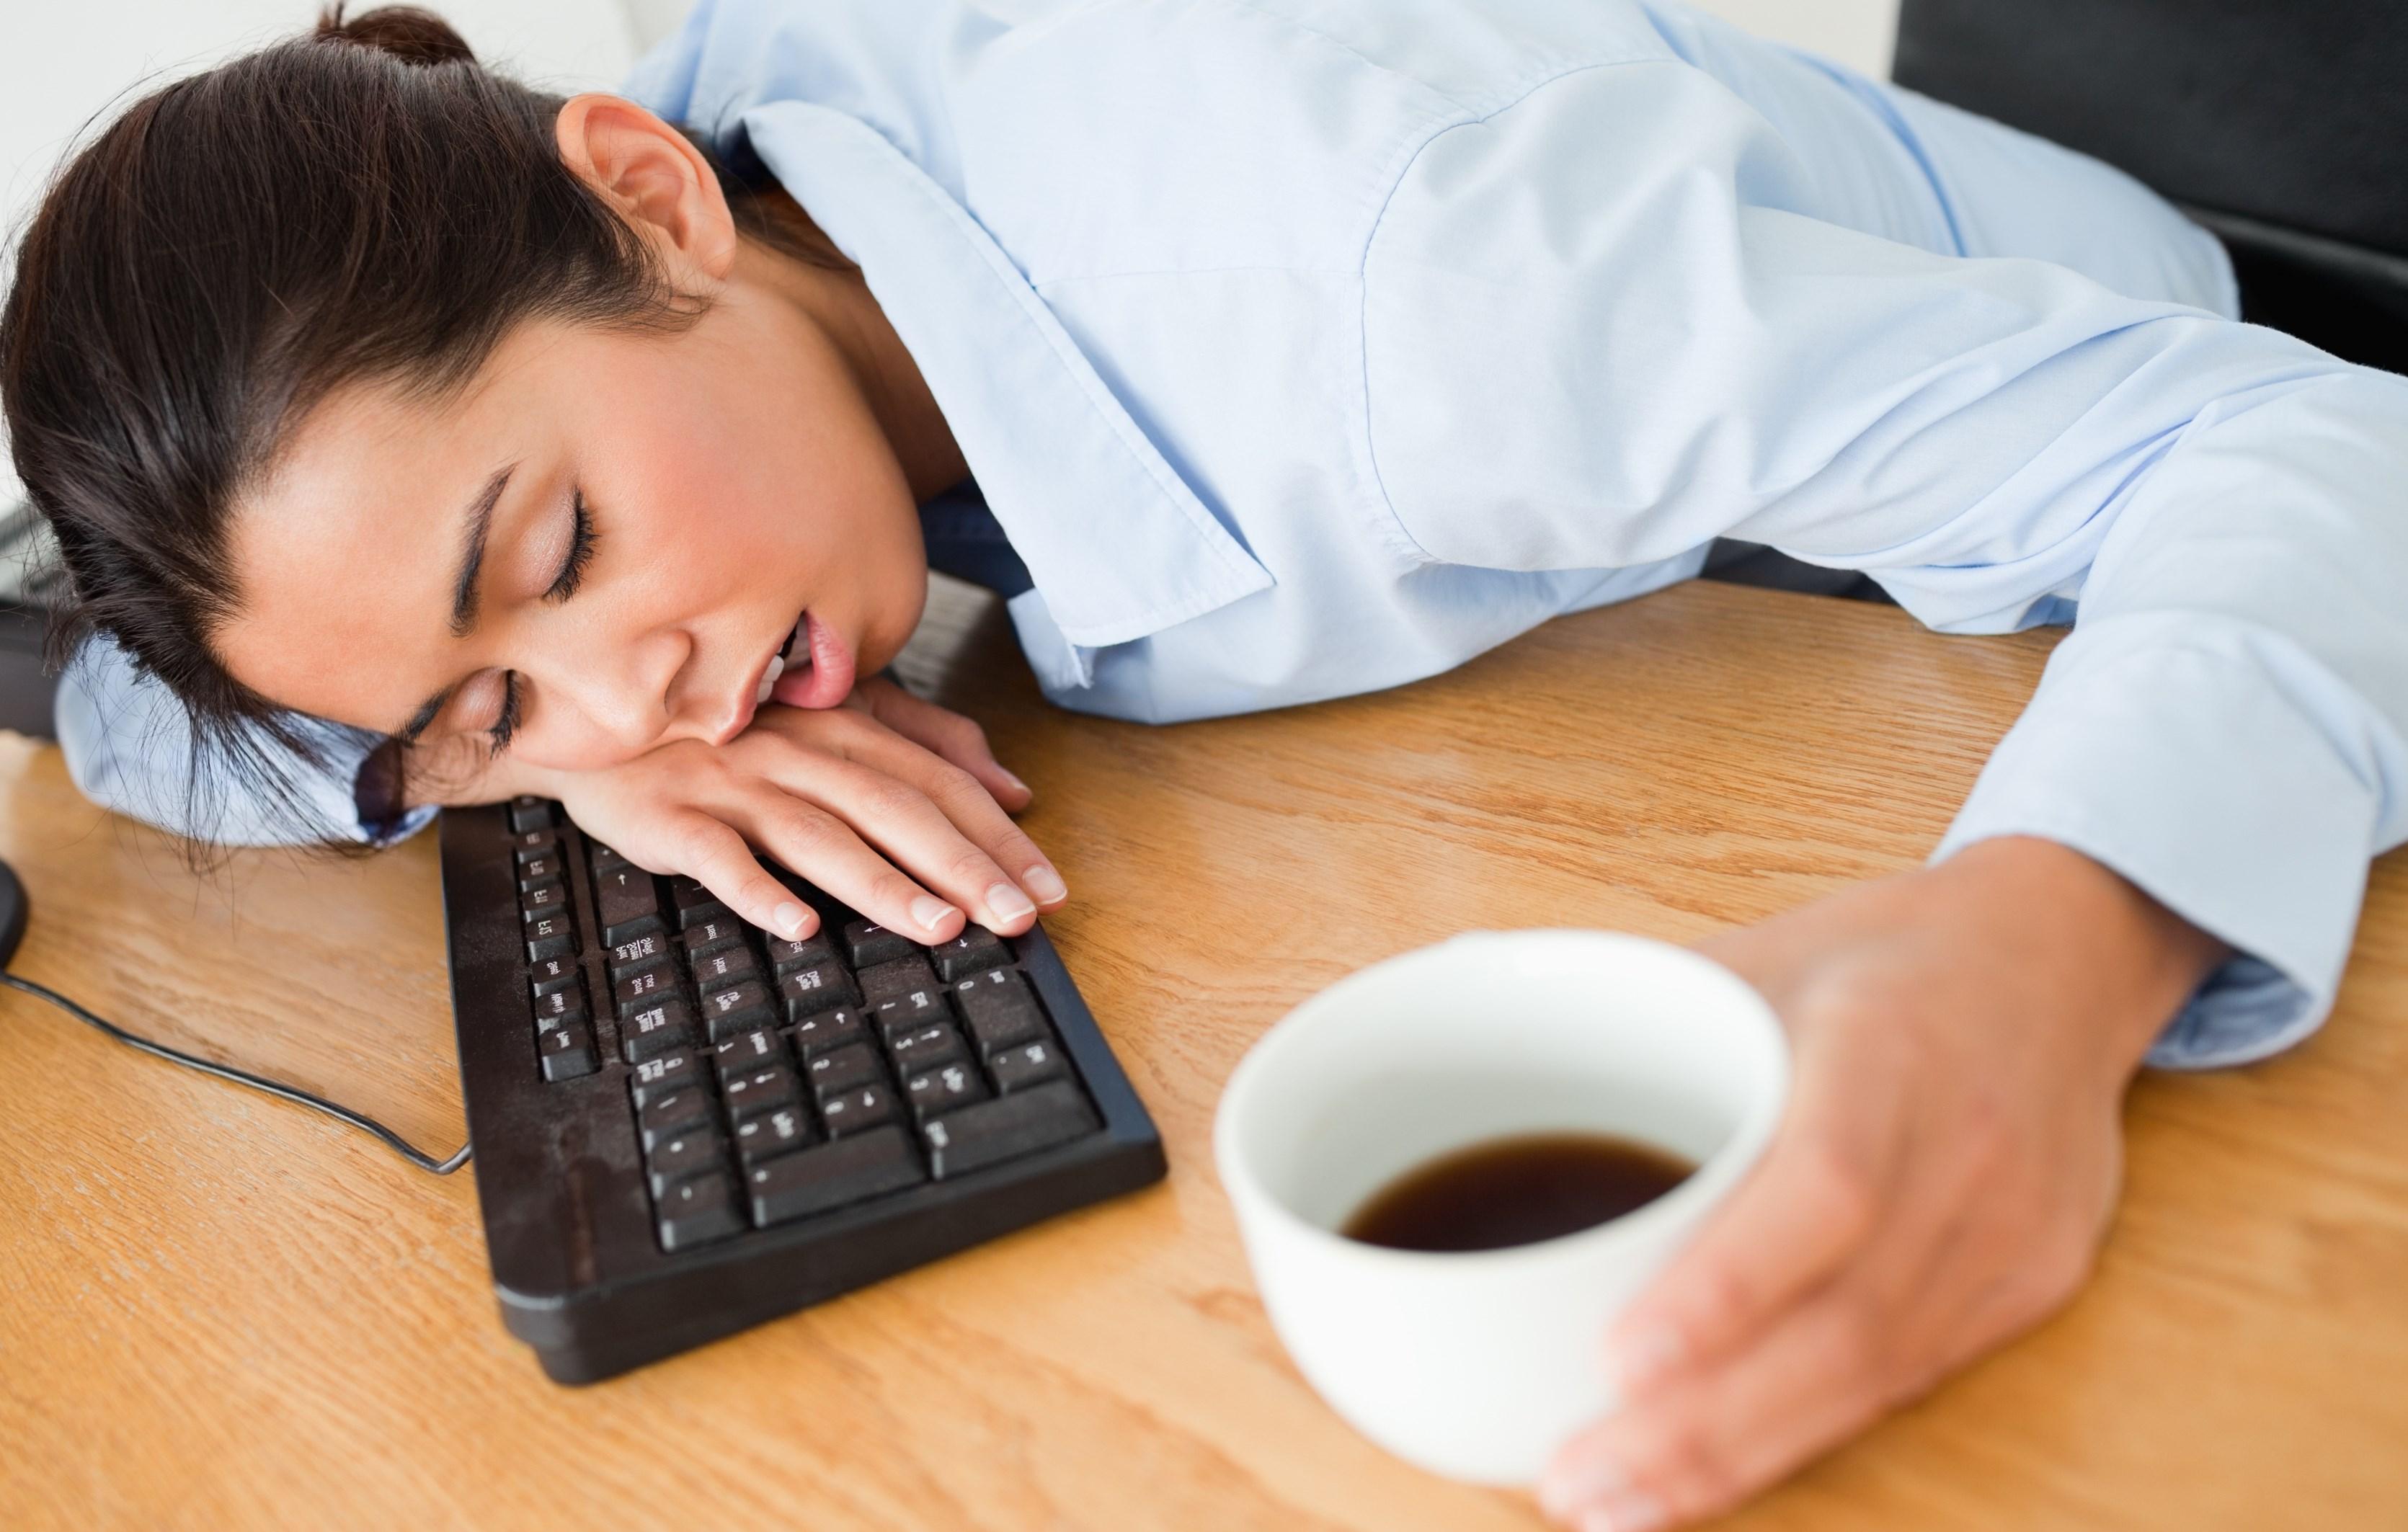 надрезать вдоль картинки сон на рабочем месте при поступлении